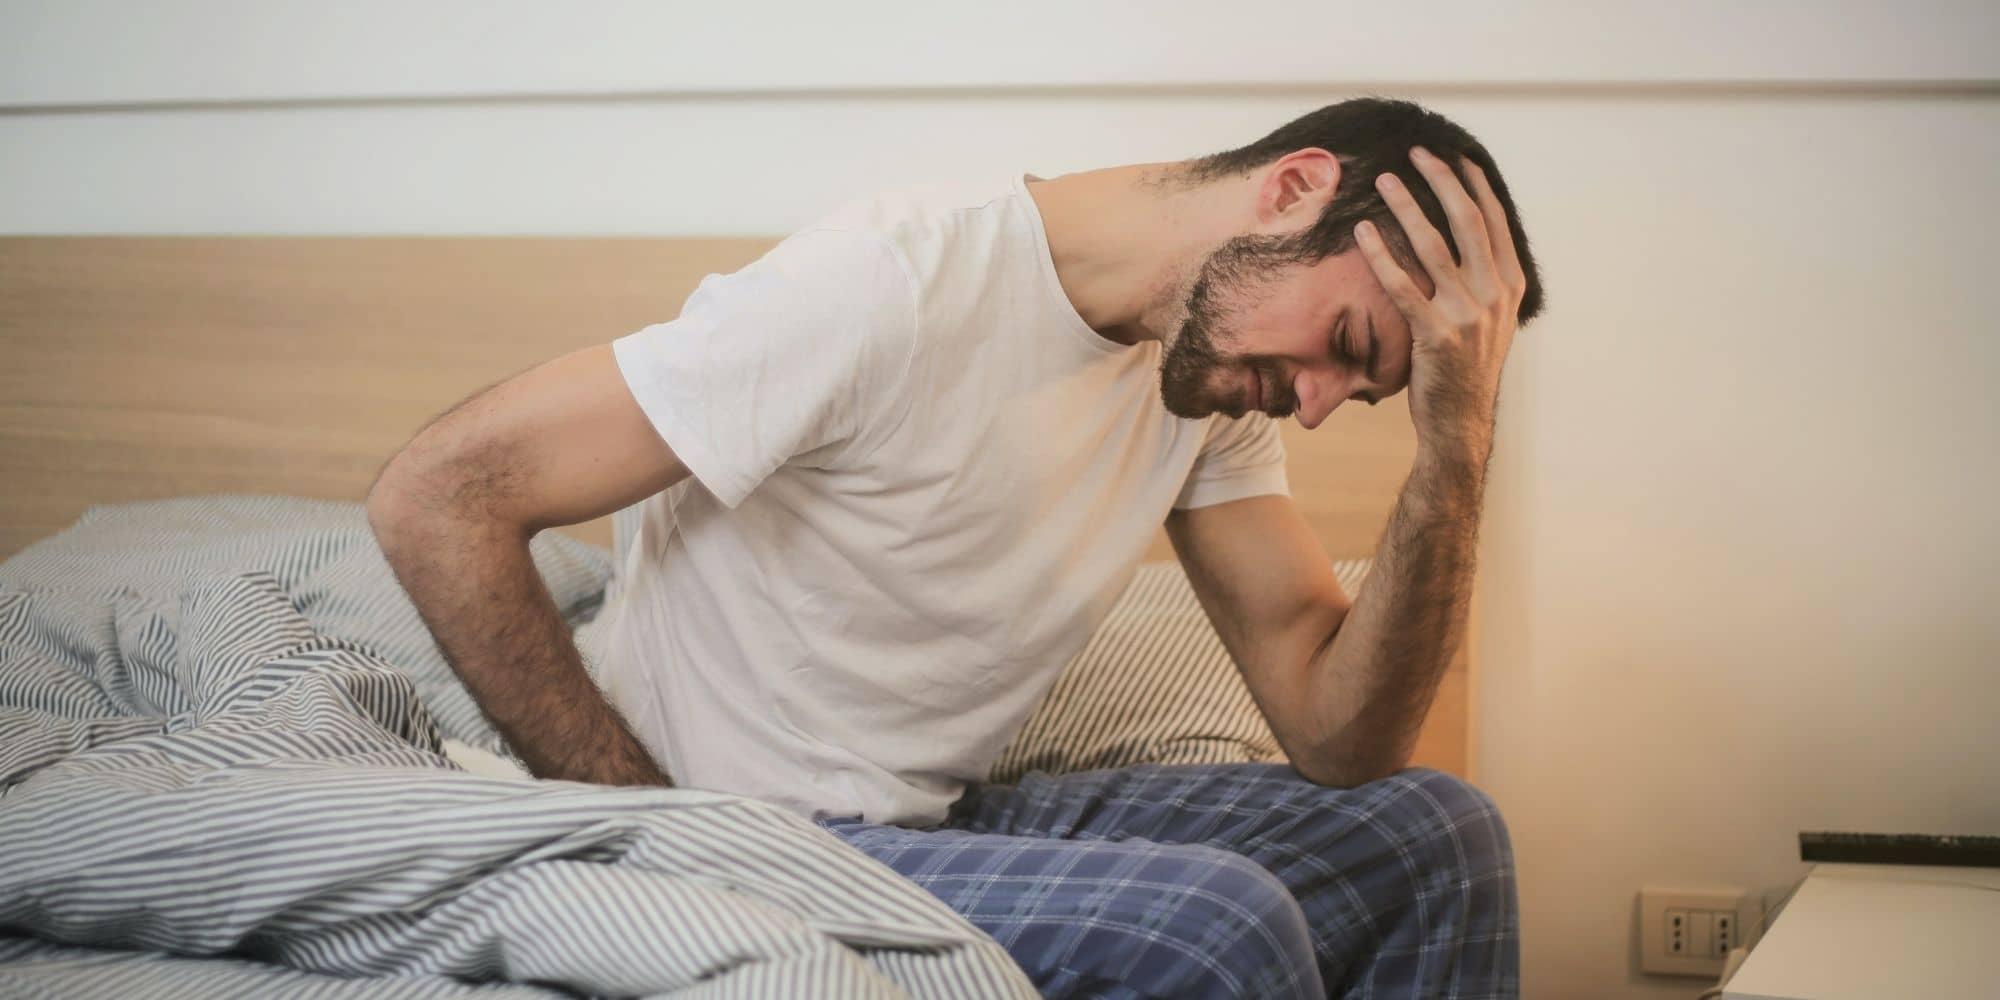 Conséquences dette sommeil - Homme fatigué